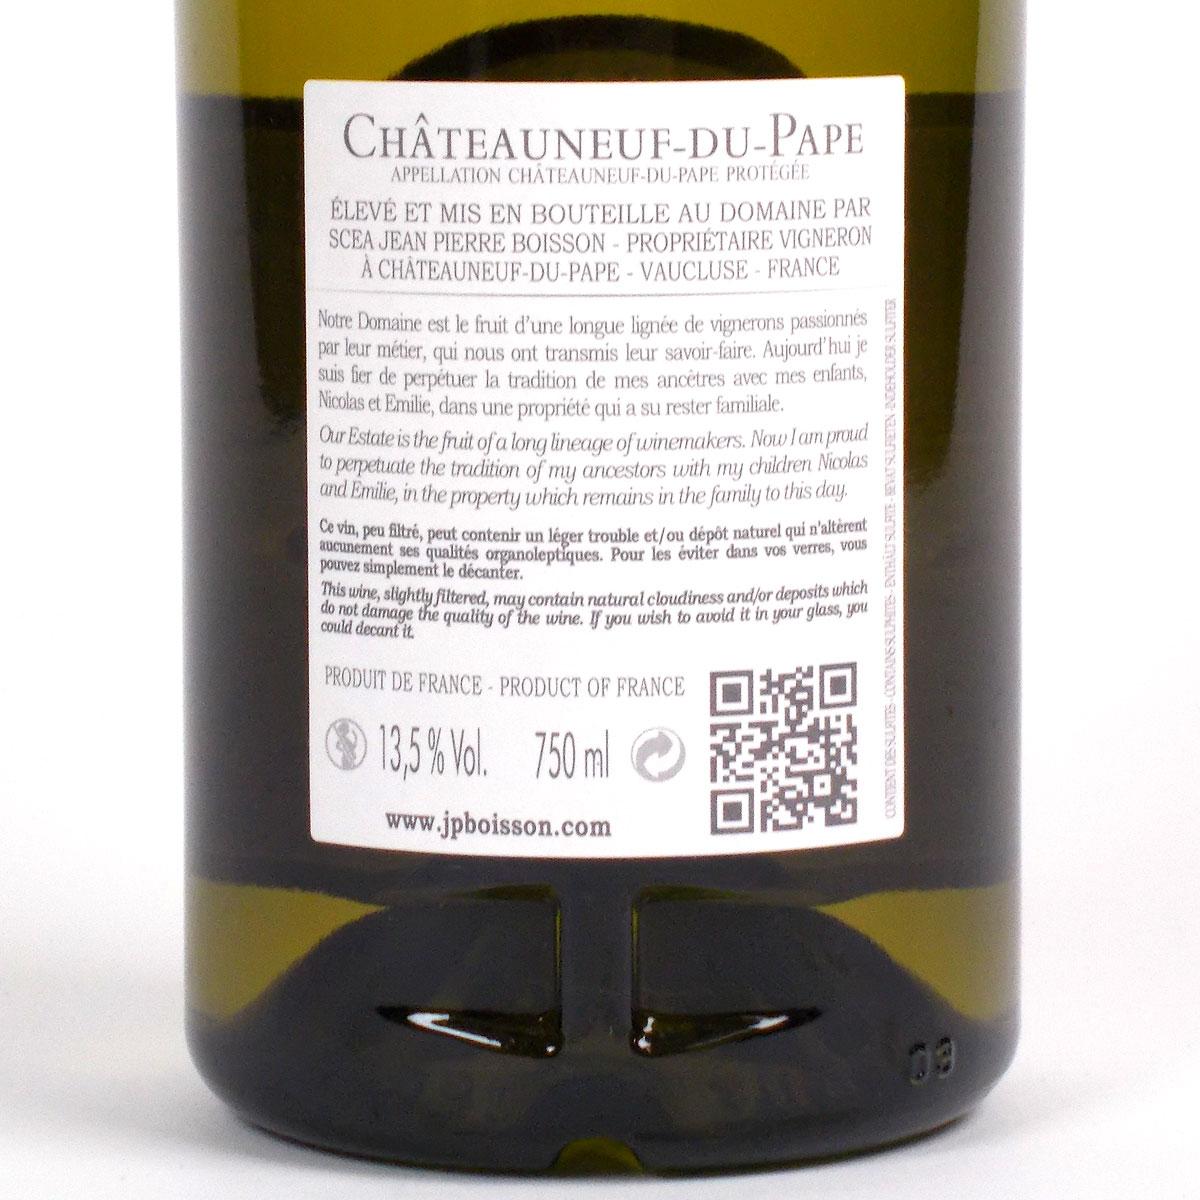 Châteauneuf du Pape: Domaine du Père Caboche Blanc 2020 - Bottle Rear Label